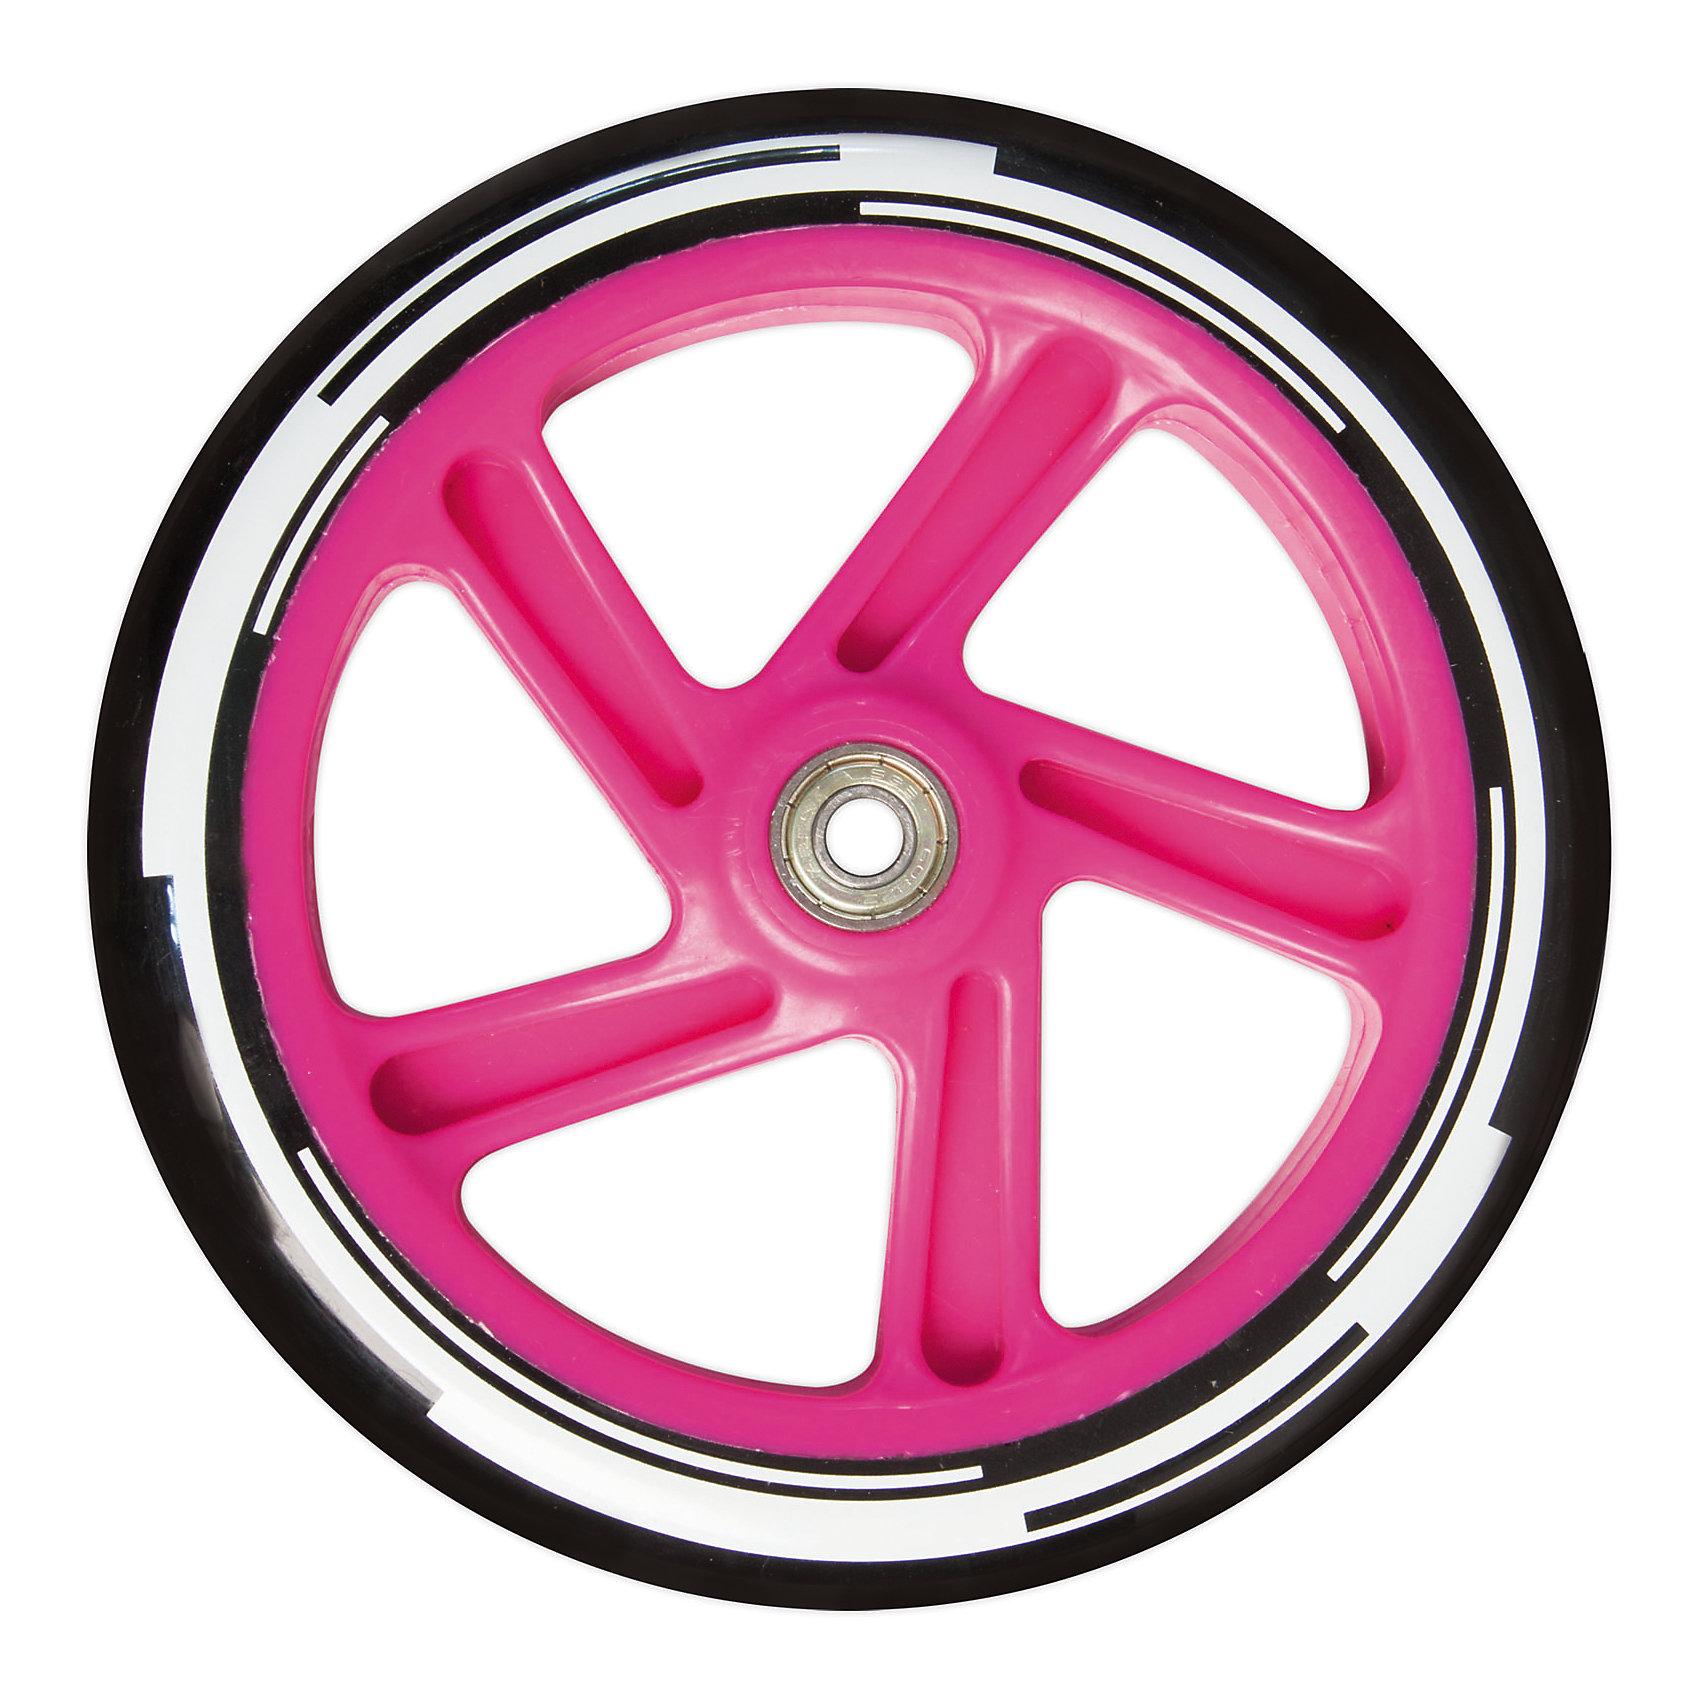 Neu-Muuwmi-Scooter-Muuwmi-180-mm-WP-pink-6612939